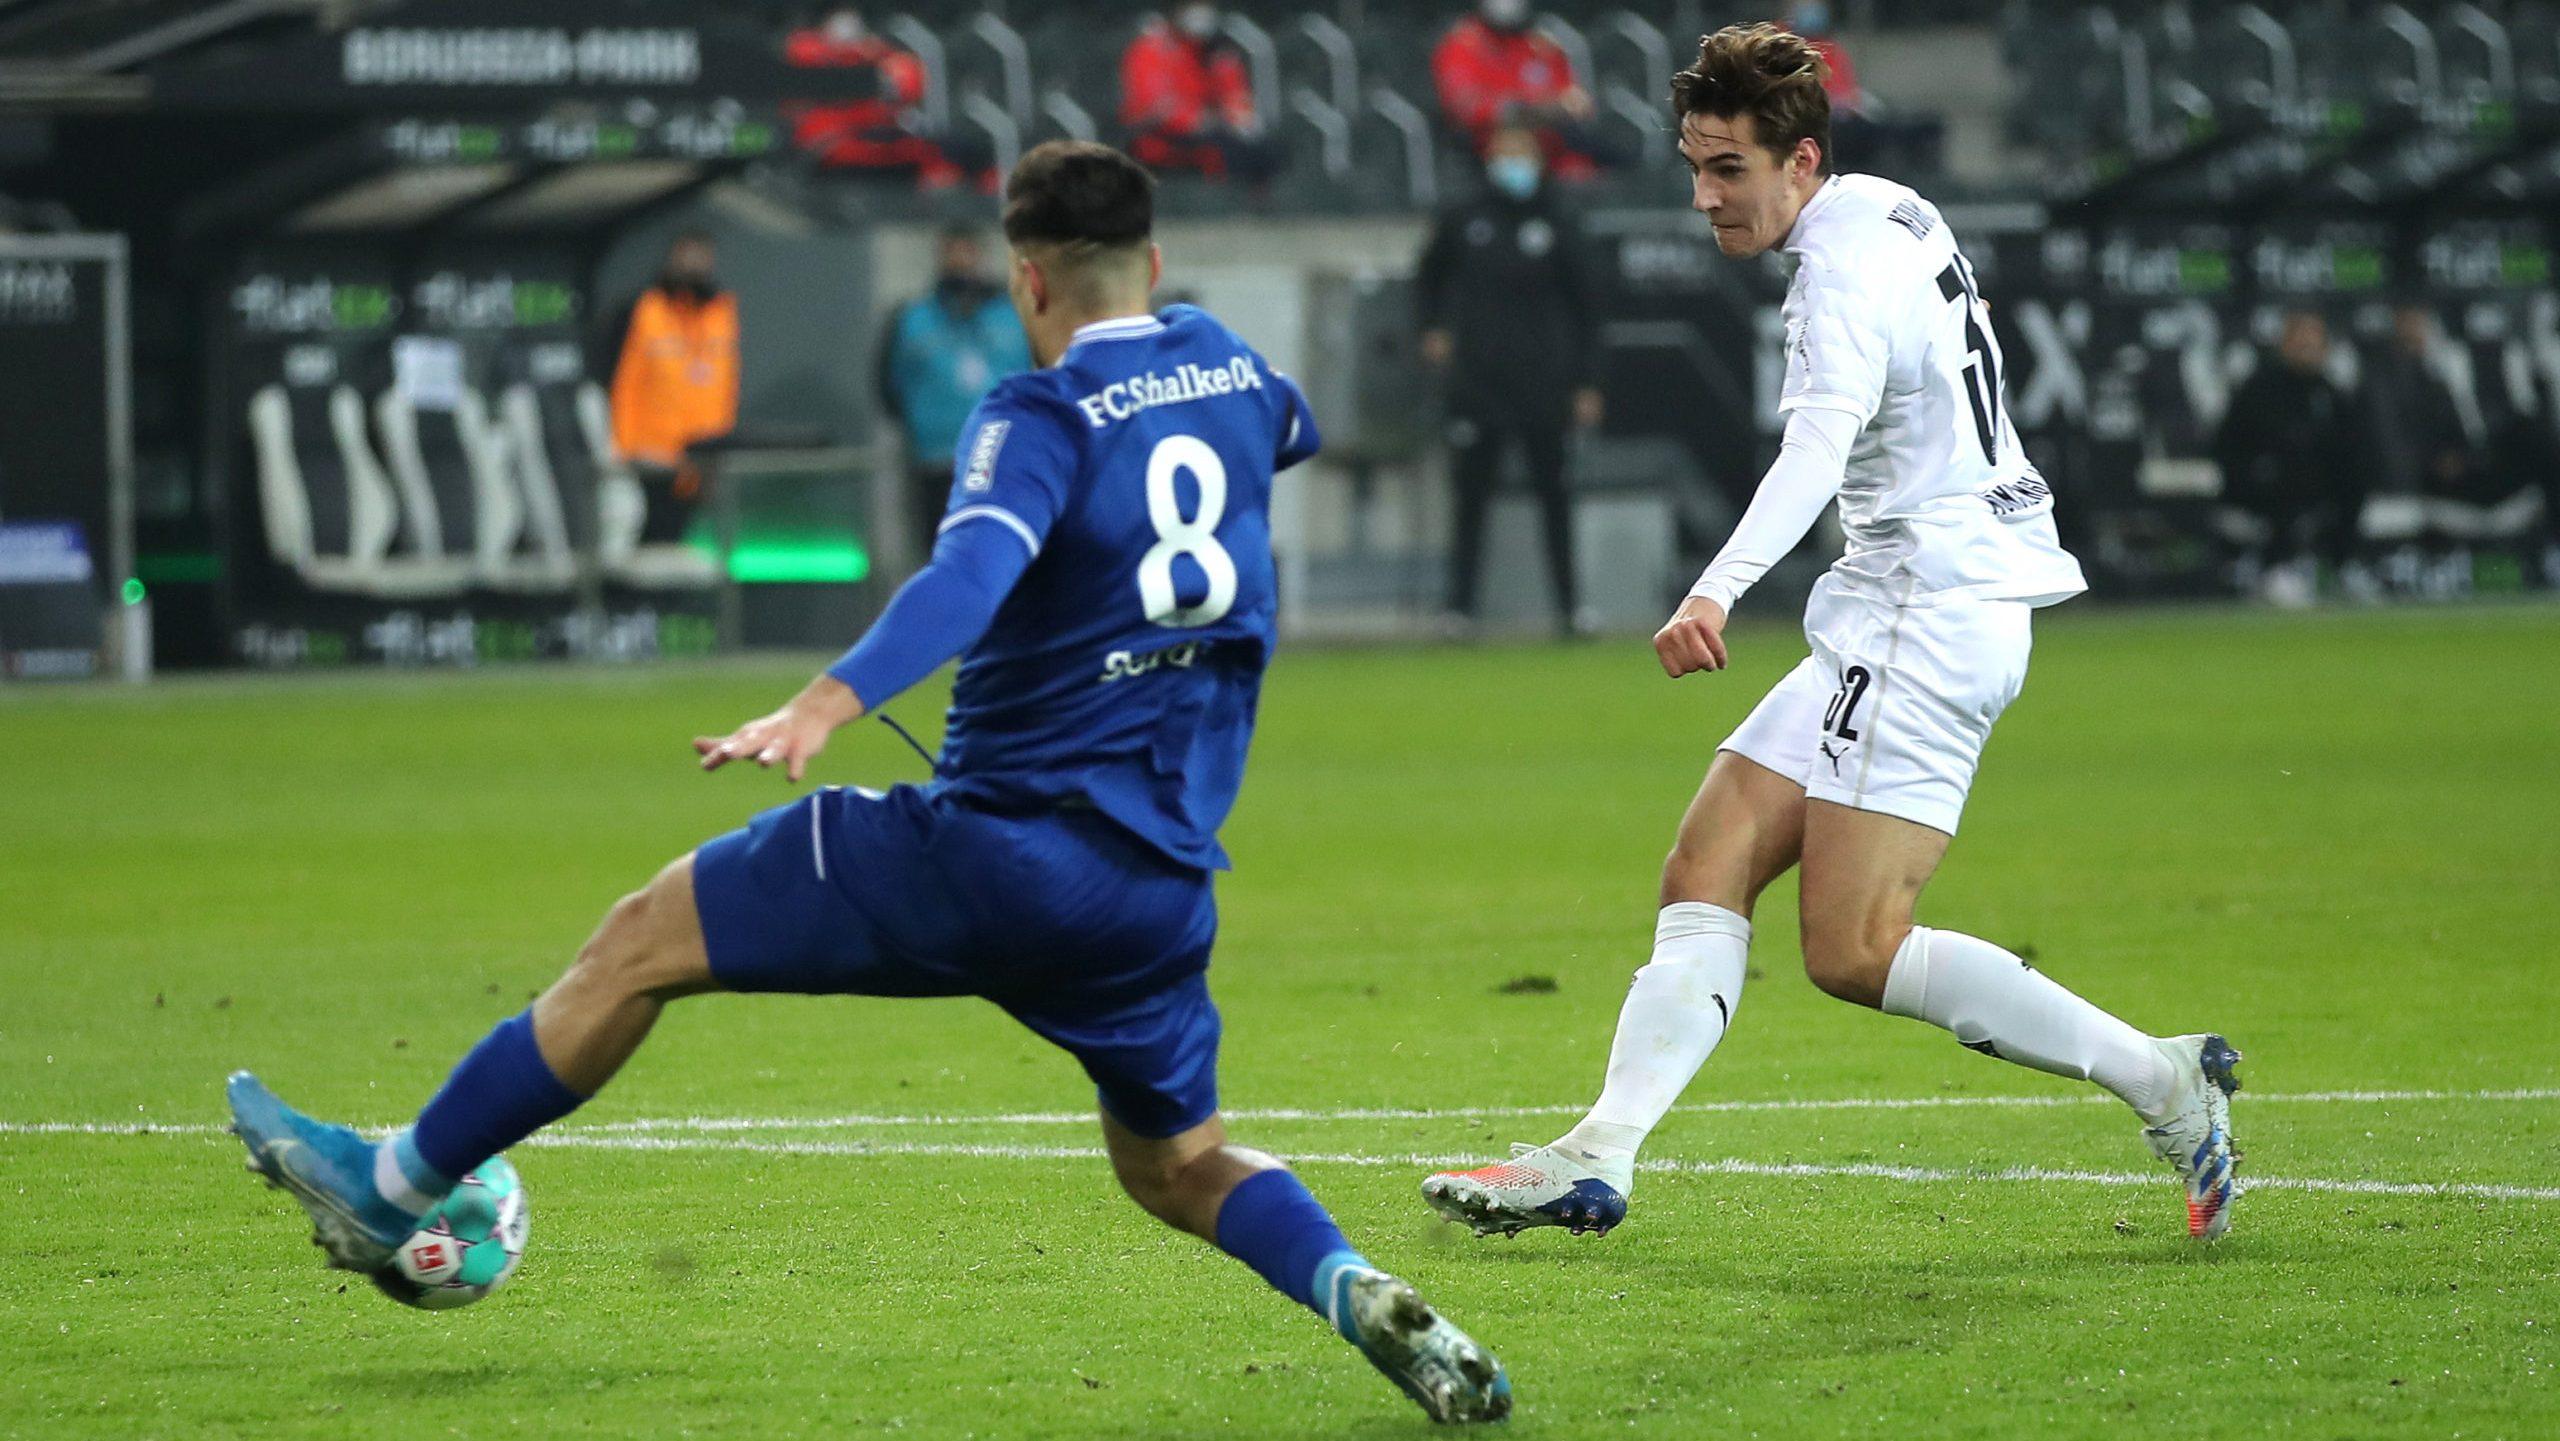 Gladbach feiert einen 4:1-Sieg gegen Schalke 04